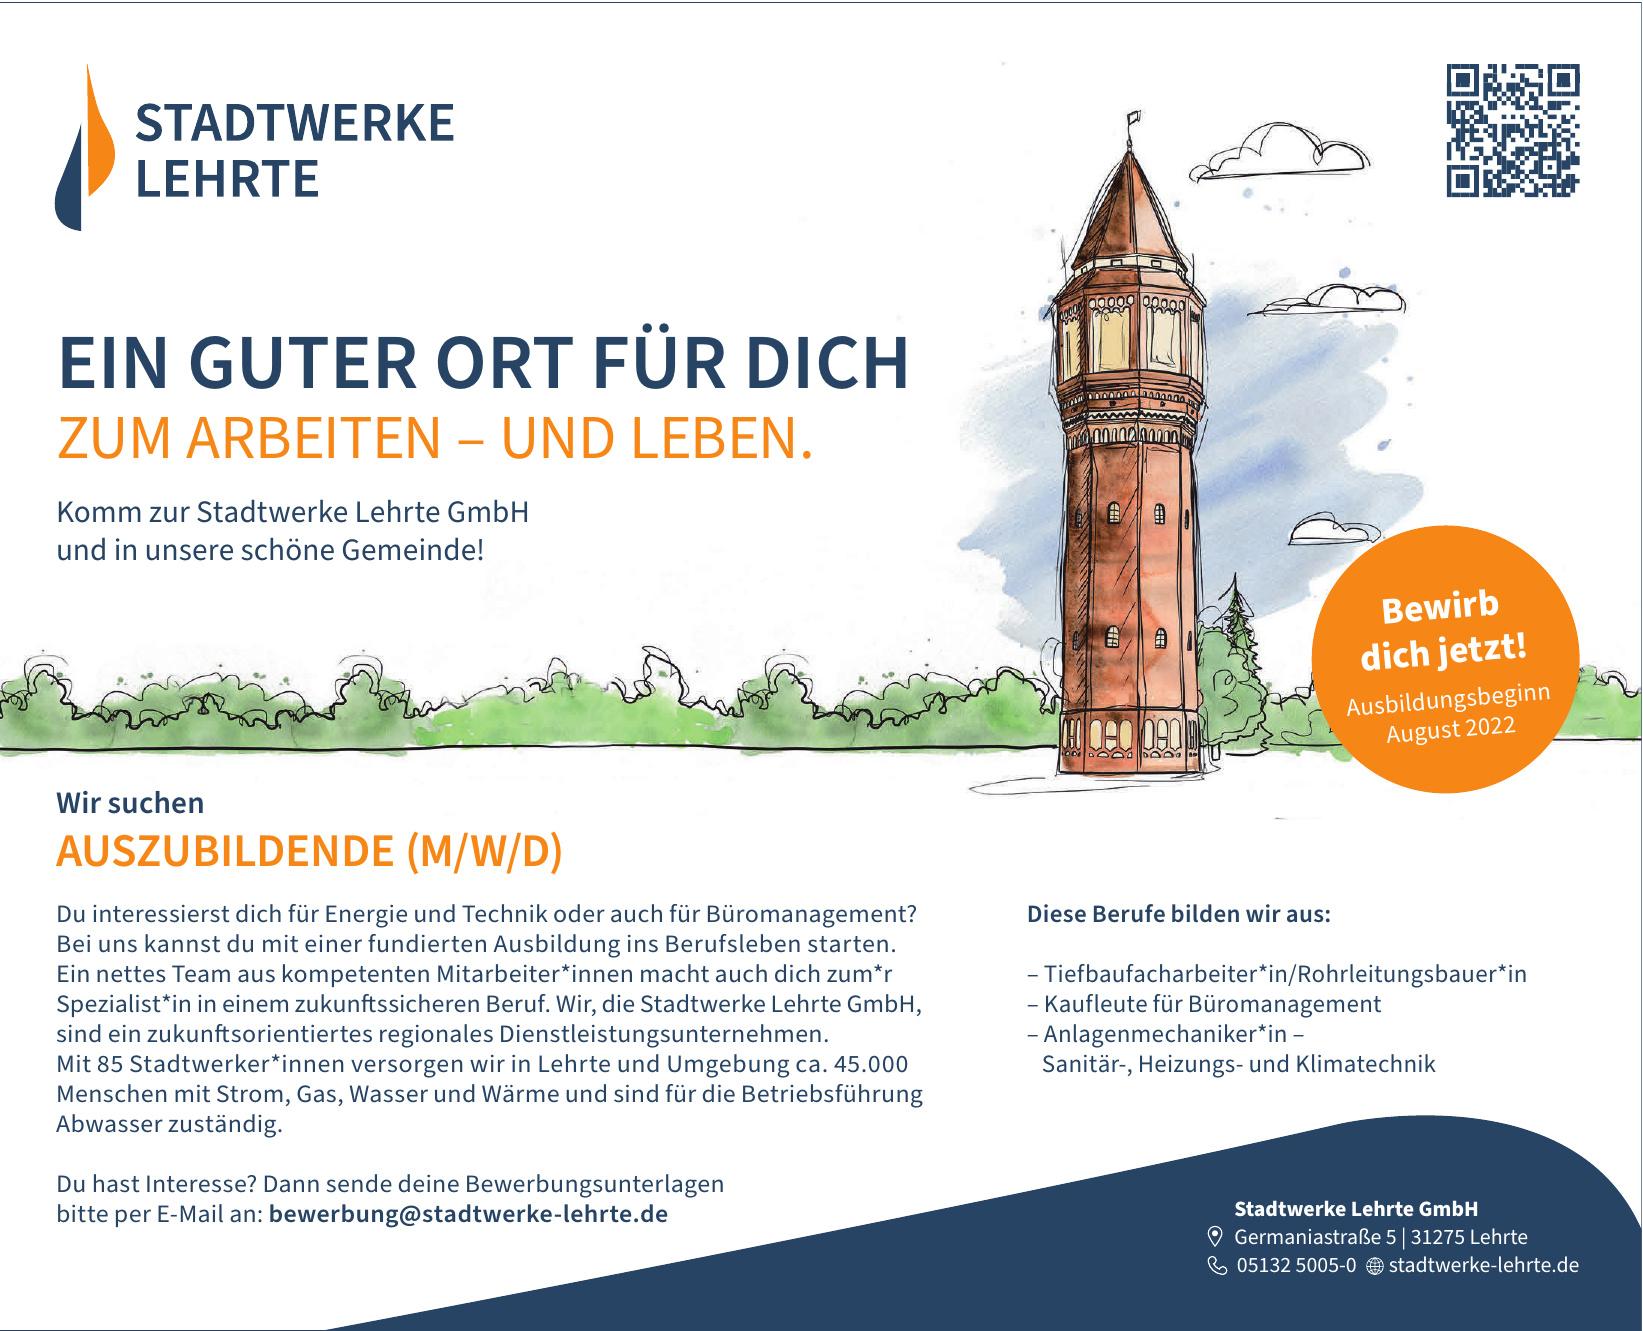 Stadtwerke Lehrte GmbH